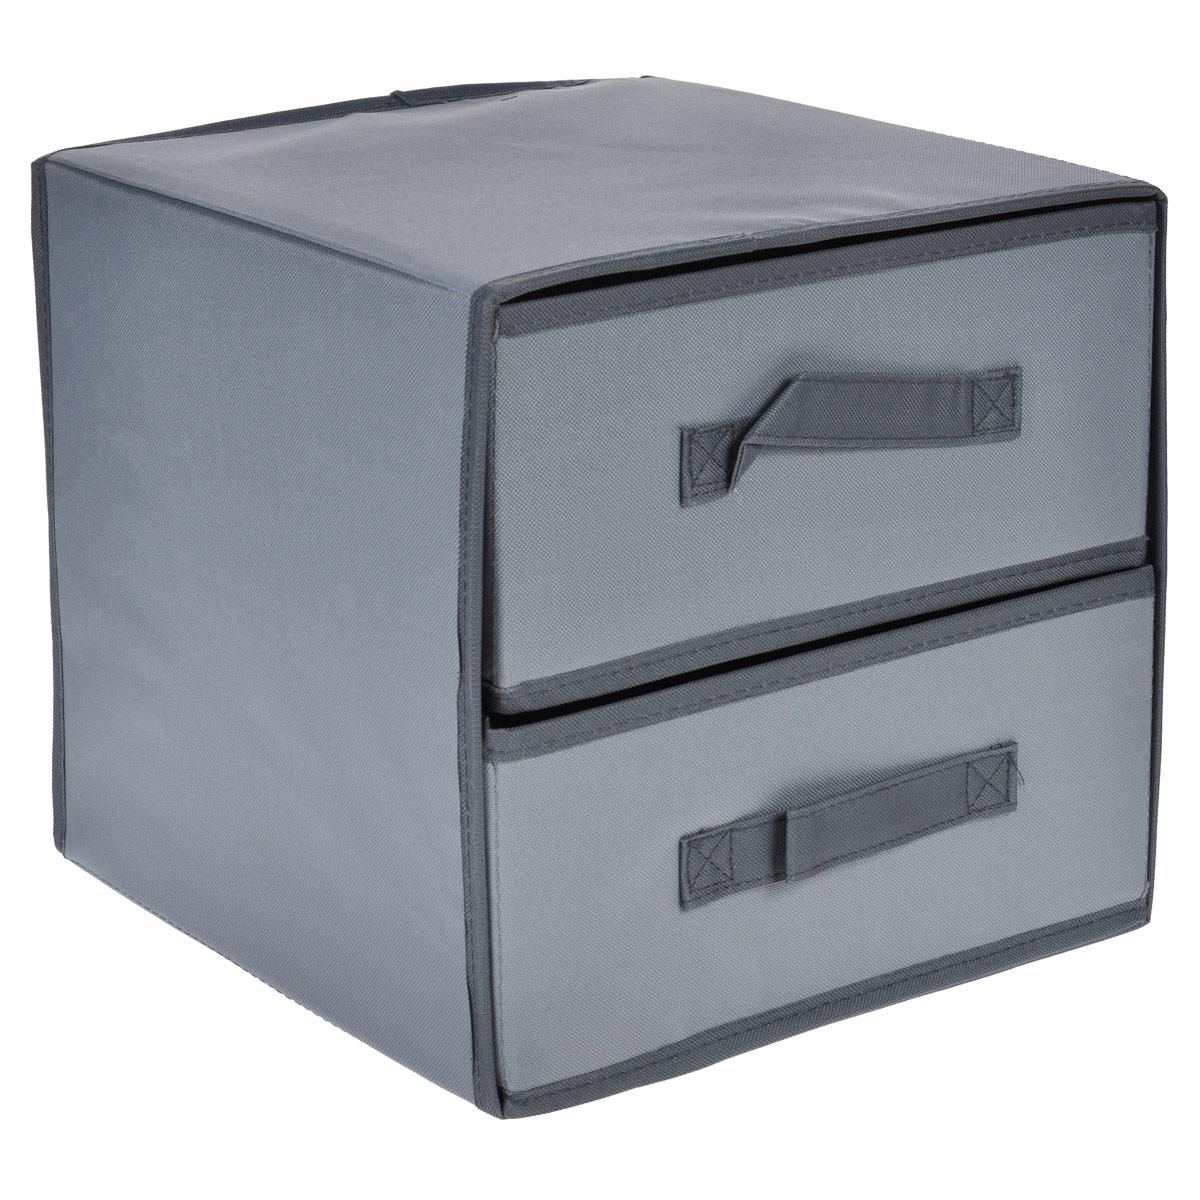 Кофр для хранения FS-6144P, цвет: серый, 30 см х 30 см х 27,5 смFS-6144PКофр для хранения с двумя вертикальными отделениями FS-6144P изготовлен из высококачественного нетканого материала, который позволяет сохранять естественную вентиляцию, а воздуху свободно проникать внутрь, не пропуская пыль. Благодаря специальным вставкам, кофр прекрасно держит форму, а эстетичный дизайн гармонично смотрится в любом интерьере. Мобильность конструкции обеспечивает складывание и раскладывание одним движением.Такой кофр сэкономит место и сохранит порядок в доме. Характеристики:Материал: нетканый материал. Цвет: серый. Размер кофра (Ш х Д х В): 30 см х 30 см х 27,5 см.